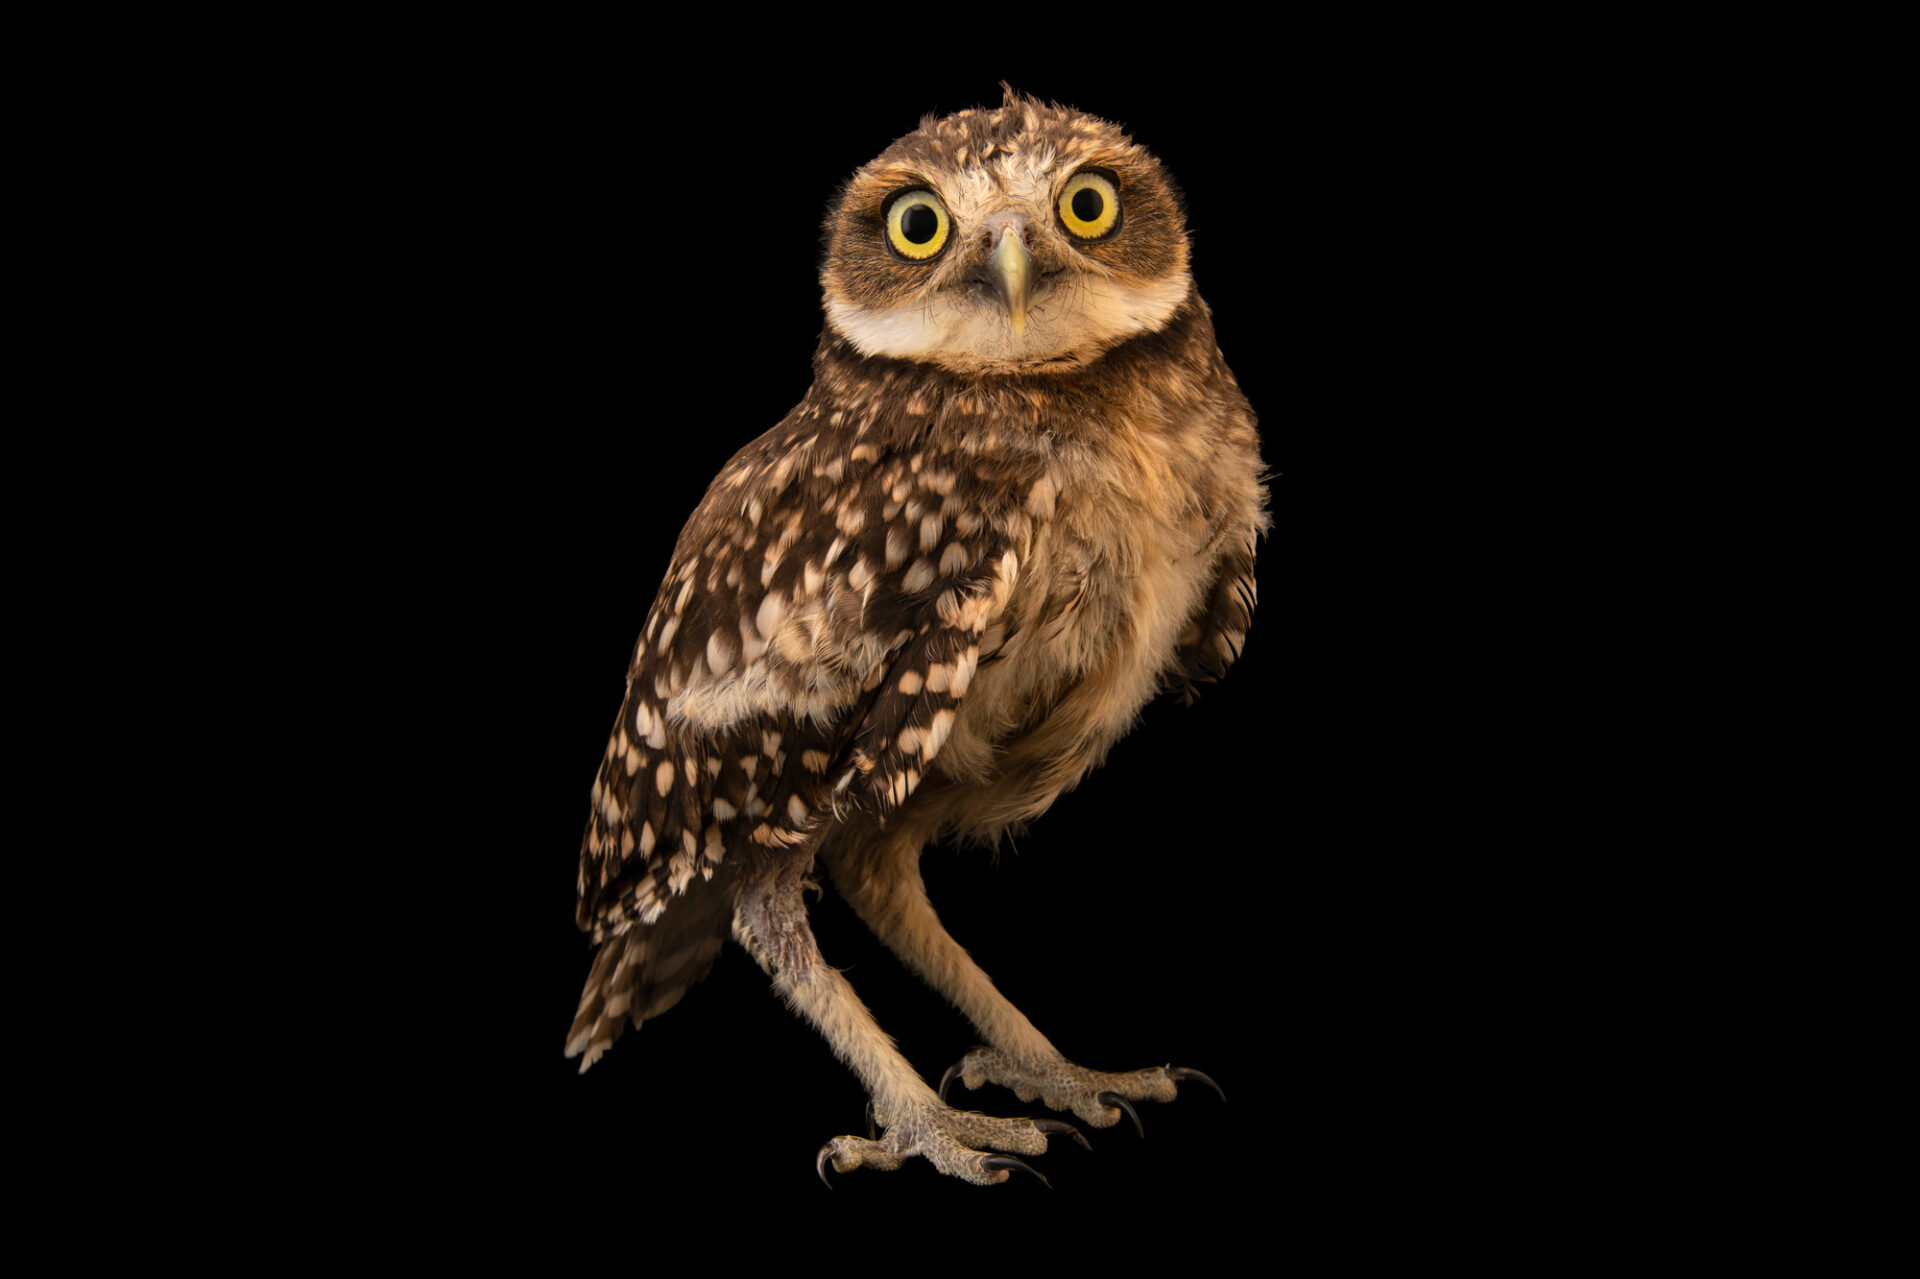 Photo: A burrowing owl (Athene cunicularia cunicularia) at Unidad de Rehabilitación de Fauna Silvestre.